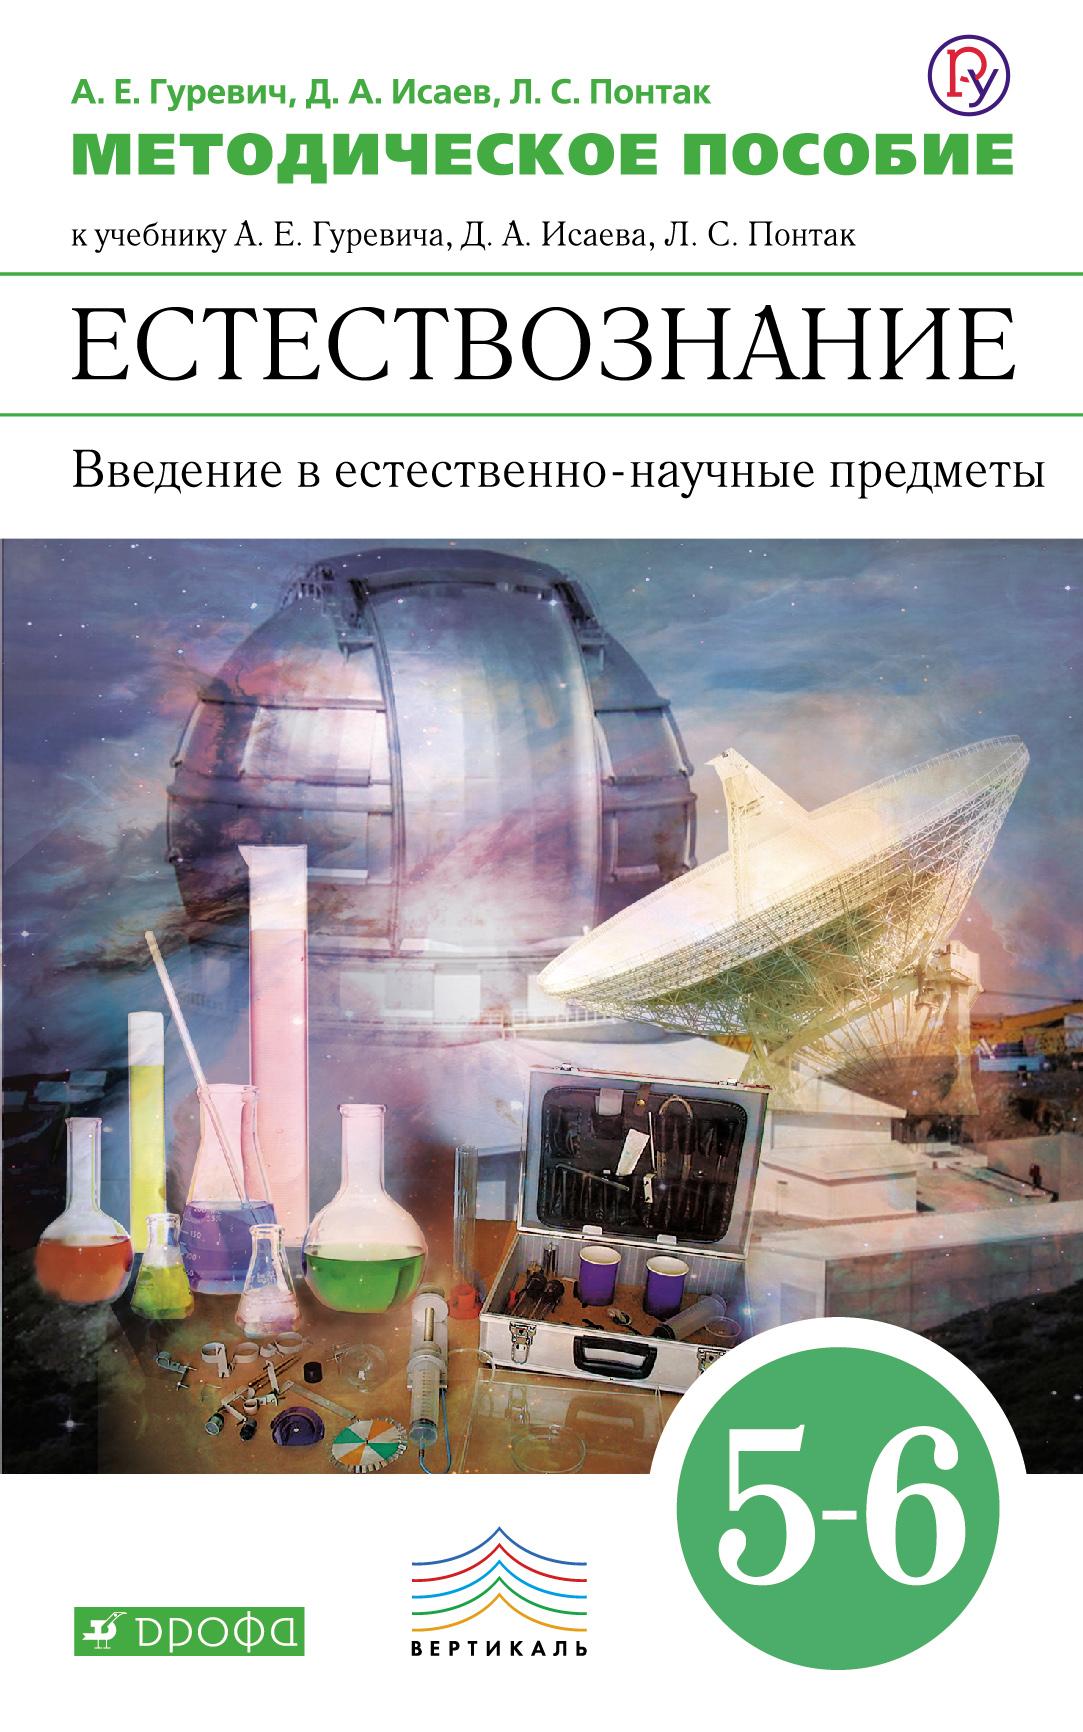 Методическое пособие к учебнику А. Е. Гуревича, Д. А. Исаева, Л. С. Понтак «Естествознание. Введение в естественно-научные предметы. 5-6 классы»